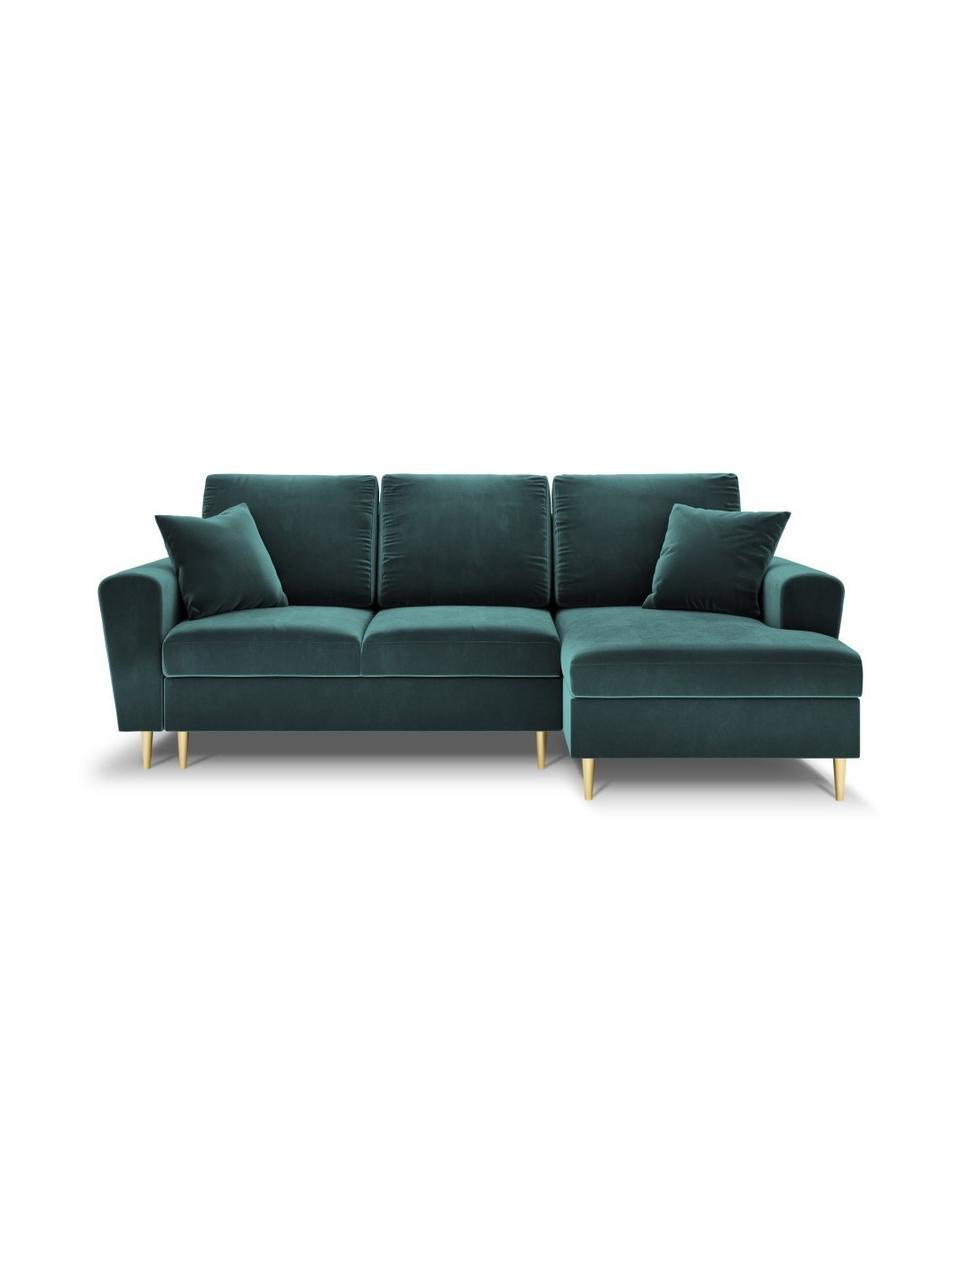 Sofa narożna z aksamitu z funkcją spania i miejscem do przechowywania Moghan (4-osobowa), Tapicerka: 100% aksamit poliestrowy , Nogi: metal powlekany, Petrol, S 236 x G 145 cm